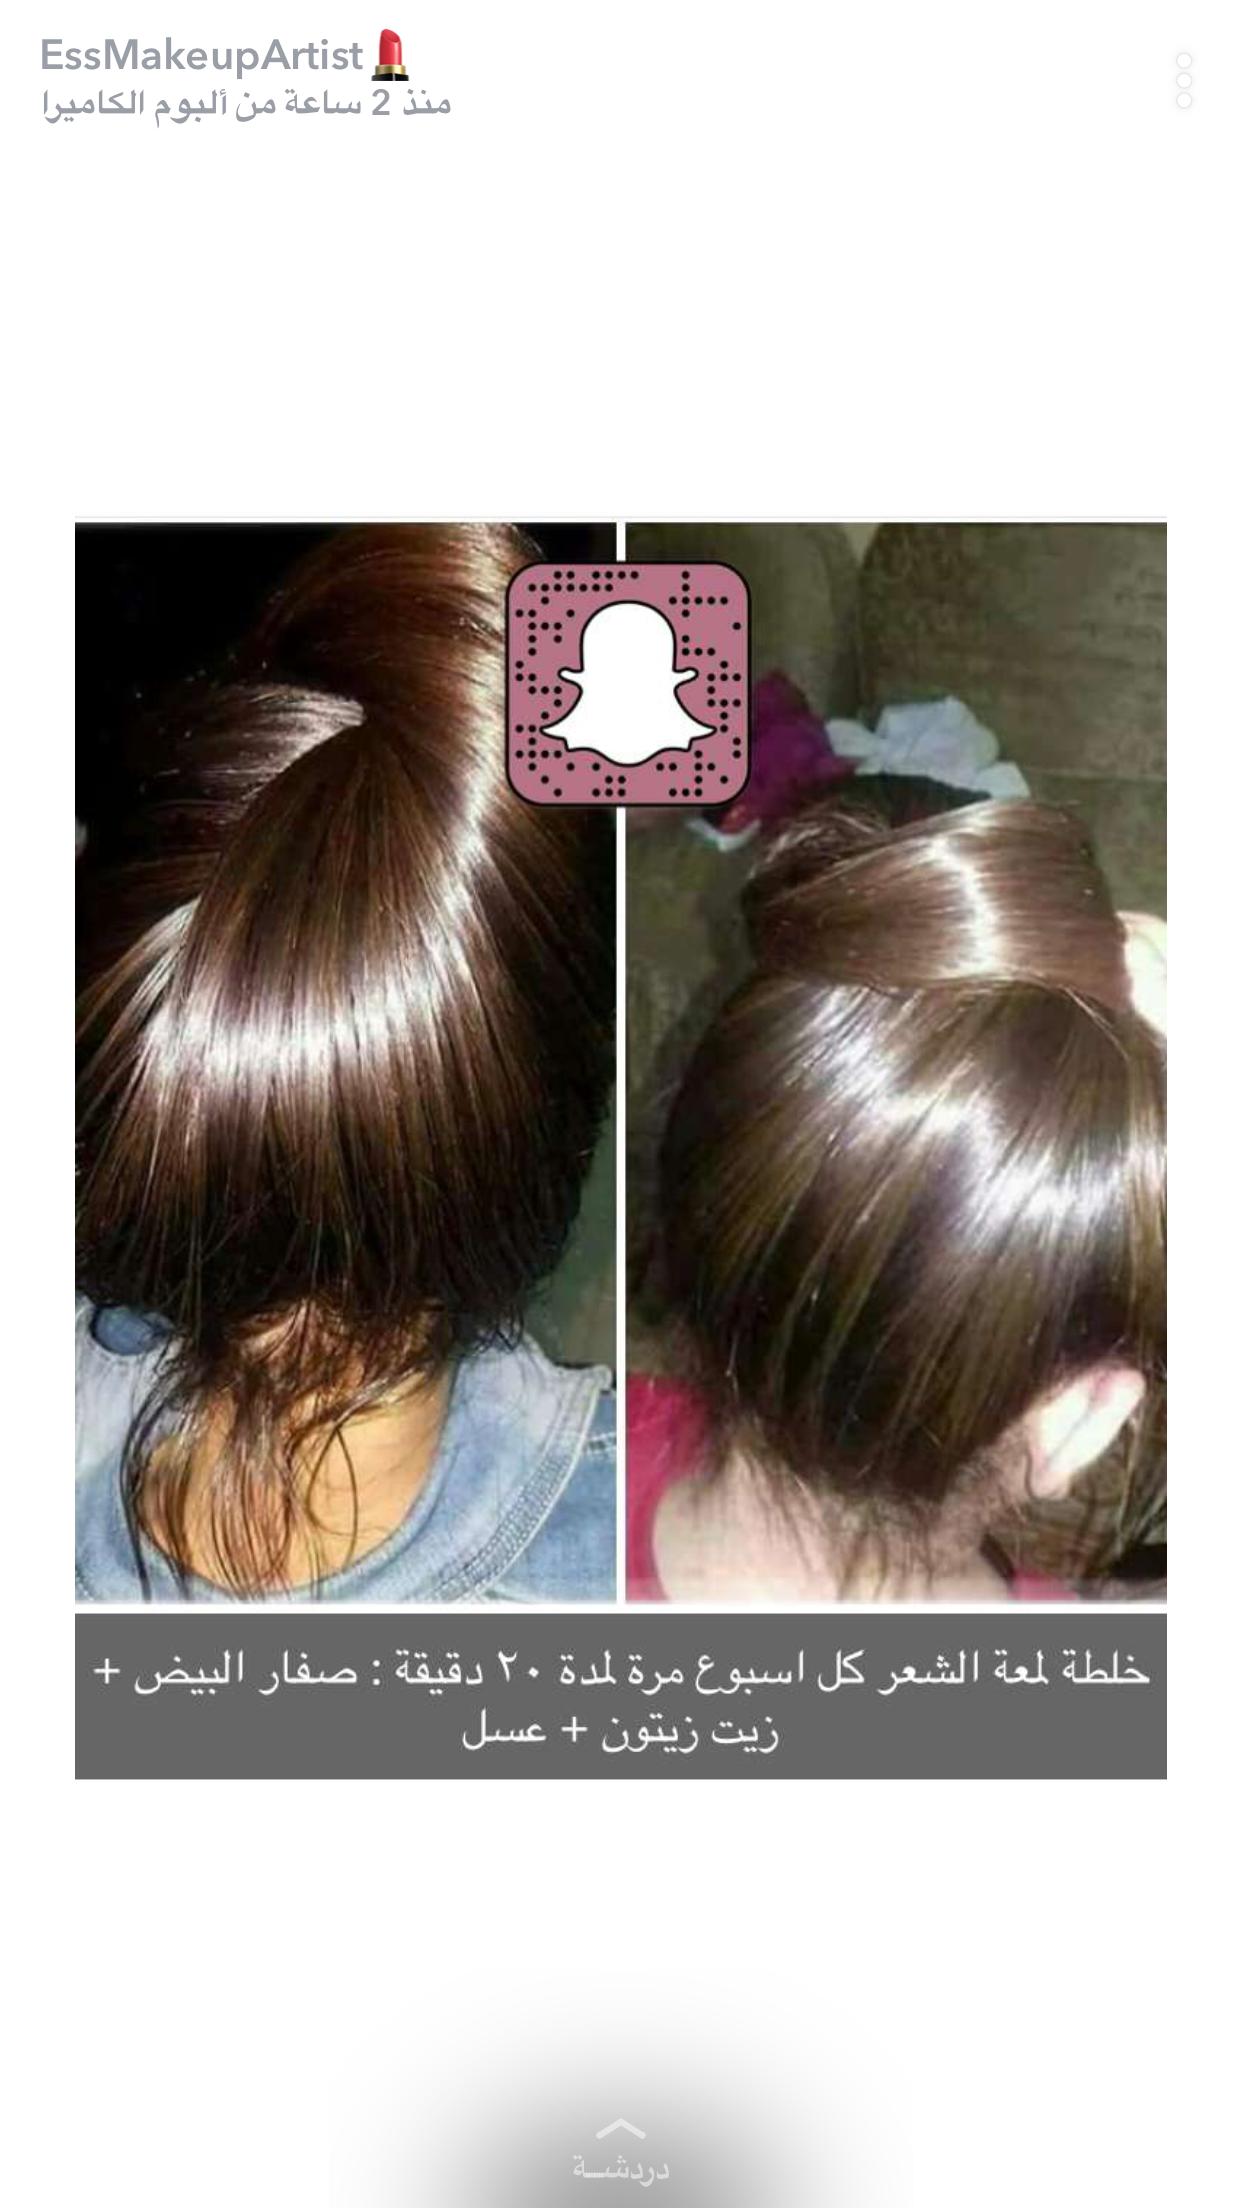 فرد الشعر الصحيح بالنشا ليصبح مثل الحرير ومن اول مرة والنتيجة خير دليل فقط فى الطب البديل Youtube Egyptian Beauty Beauty Youtube